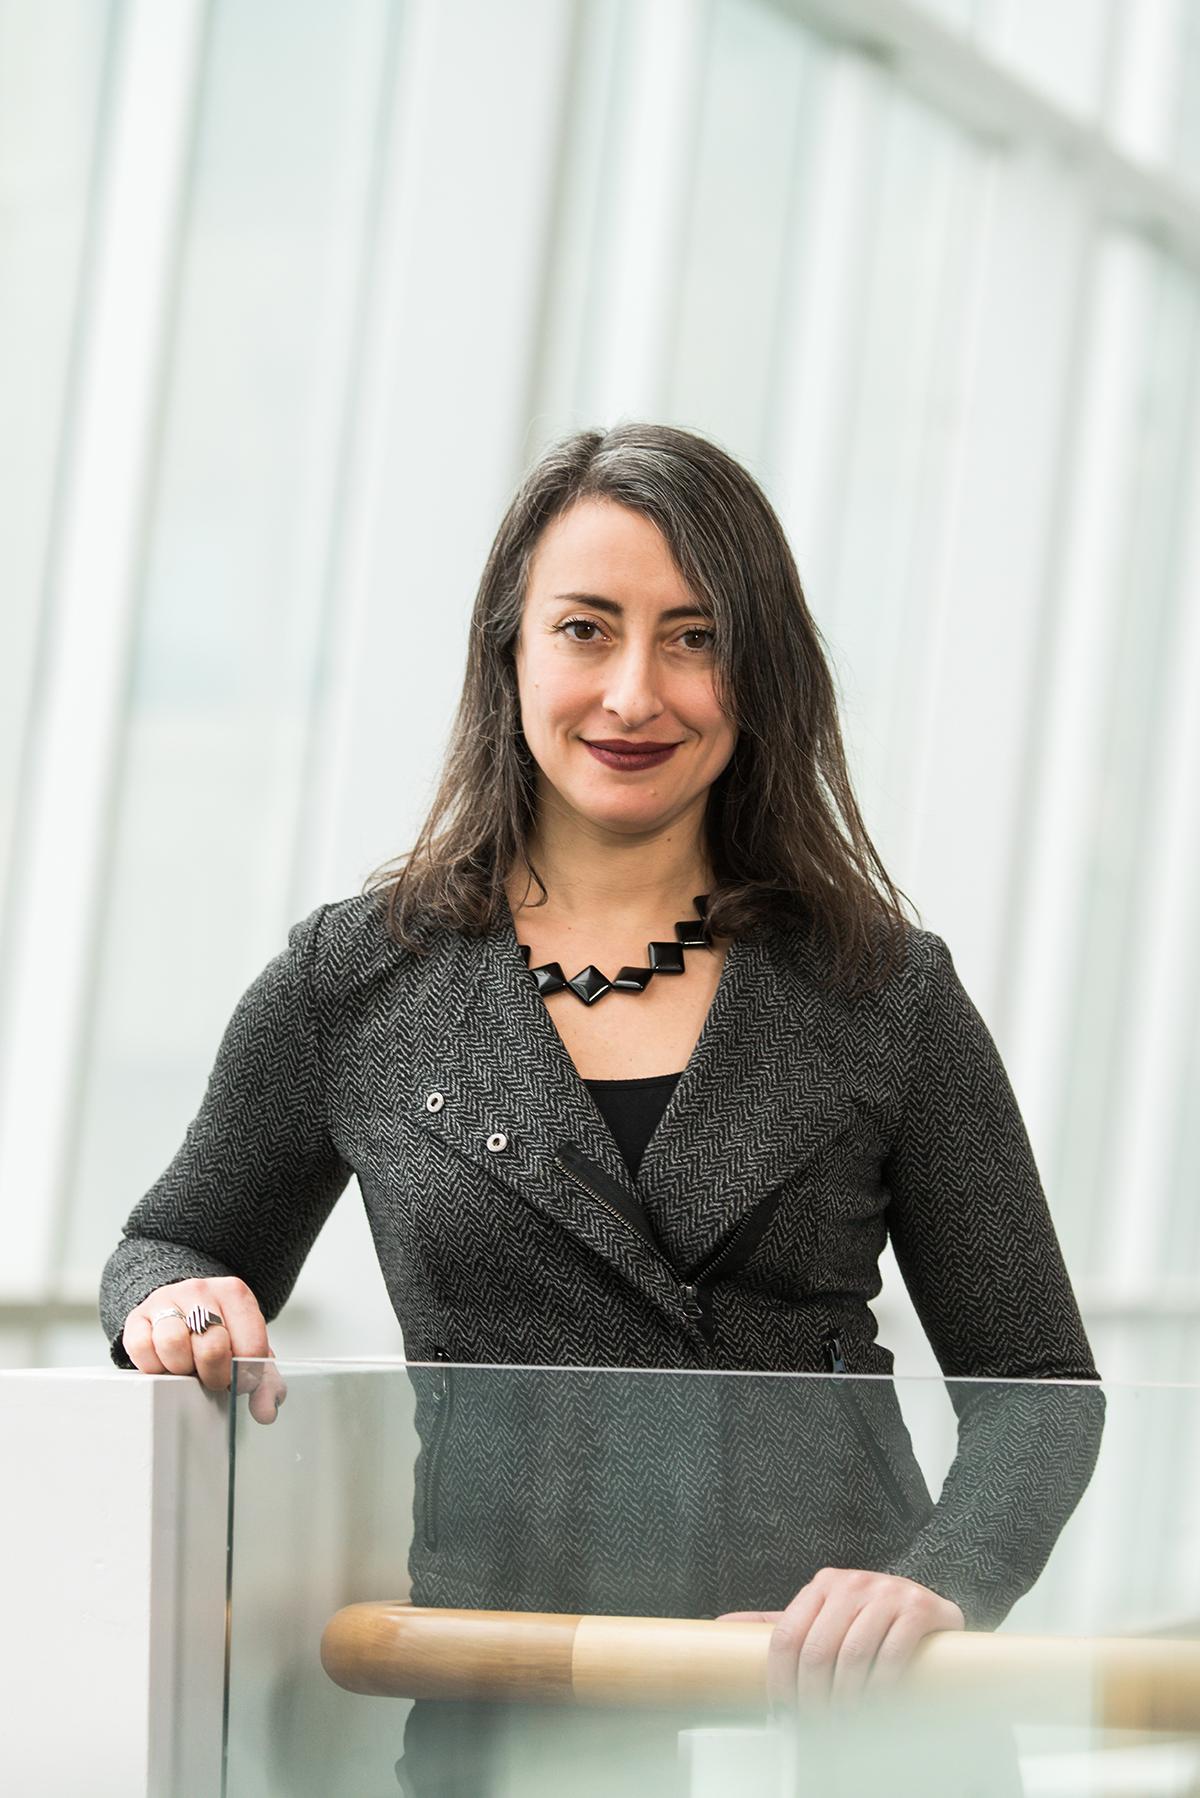 Dr. Leah Cowen